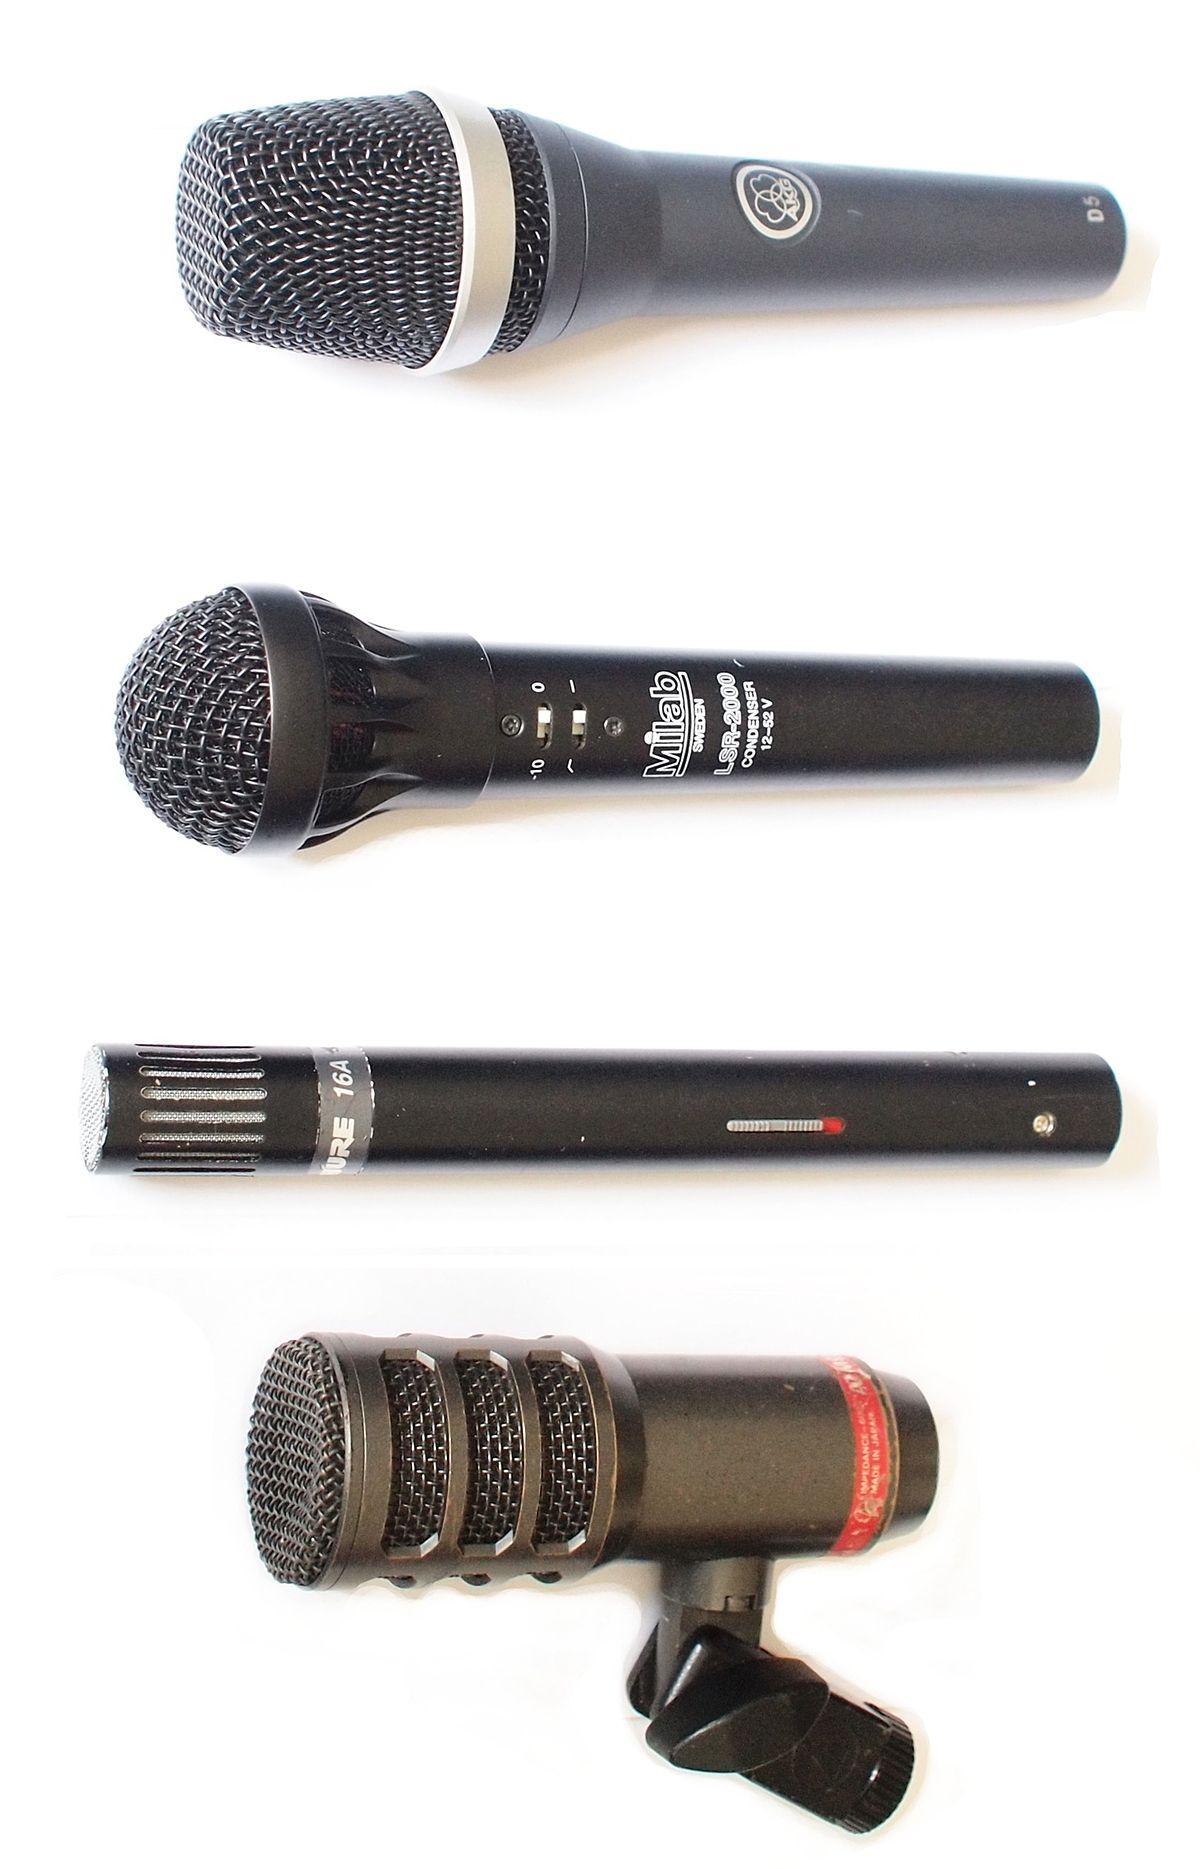 Microfono - Wikipedia 9268eb0f7145